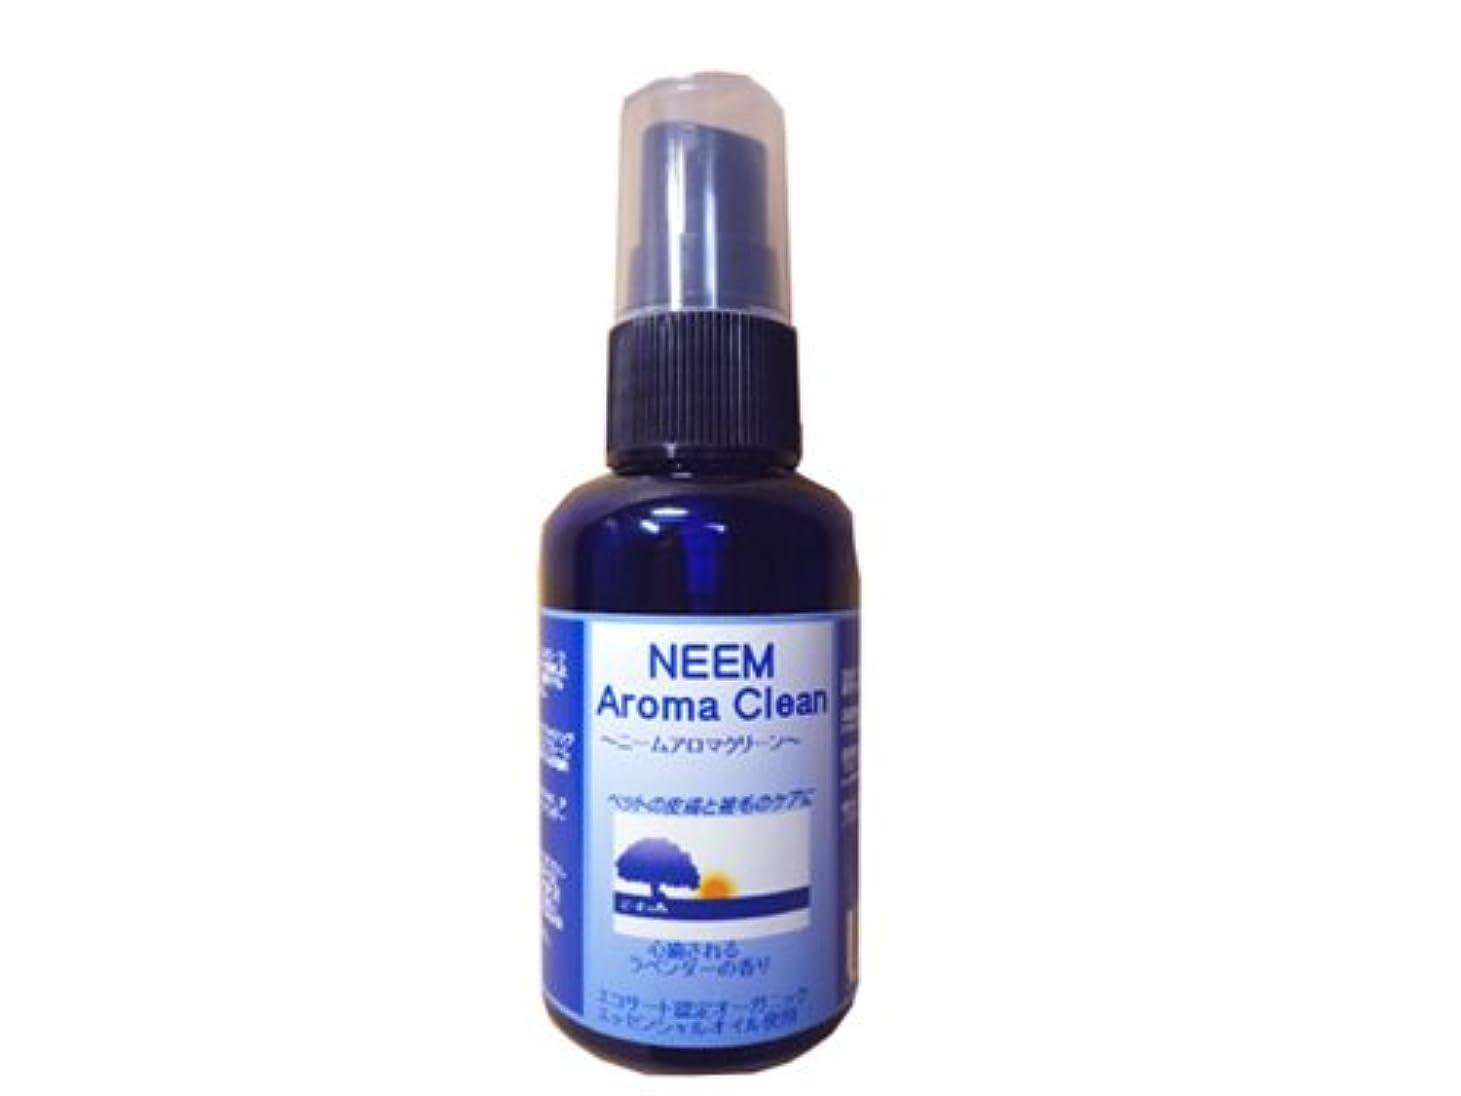 バッフル考える住むニームアロマクリーン(ラベンダー) NEEM Aroma Clean 50ml 【BLOOM】【(ノミ?ダニ)駆除用としてもお使いいただけます。】